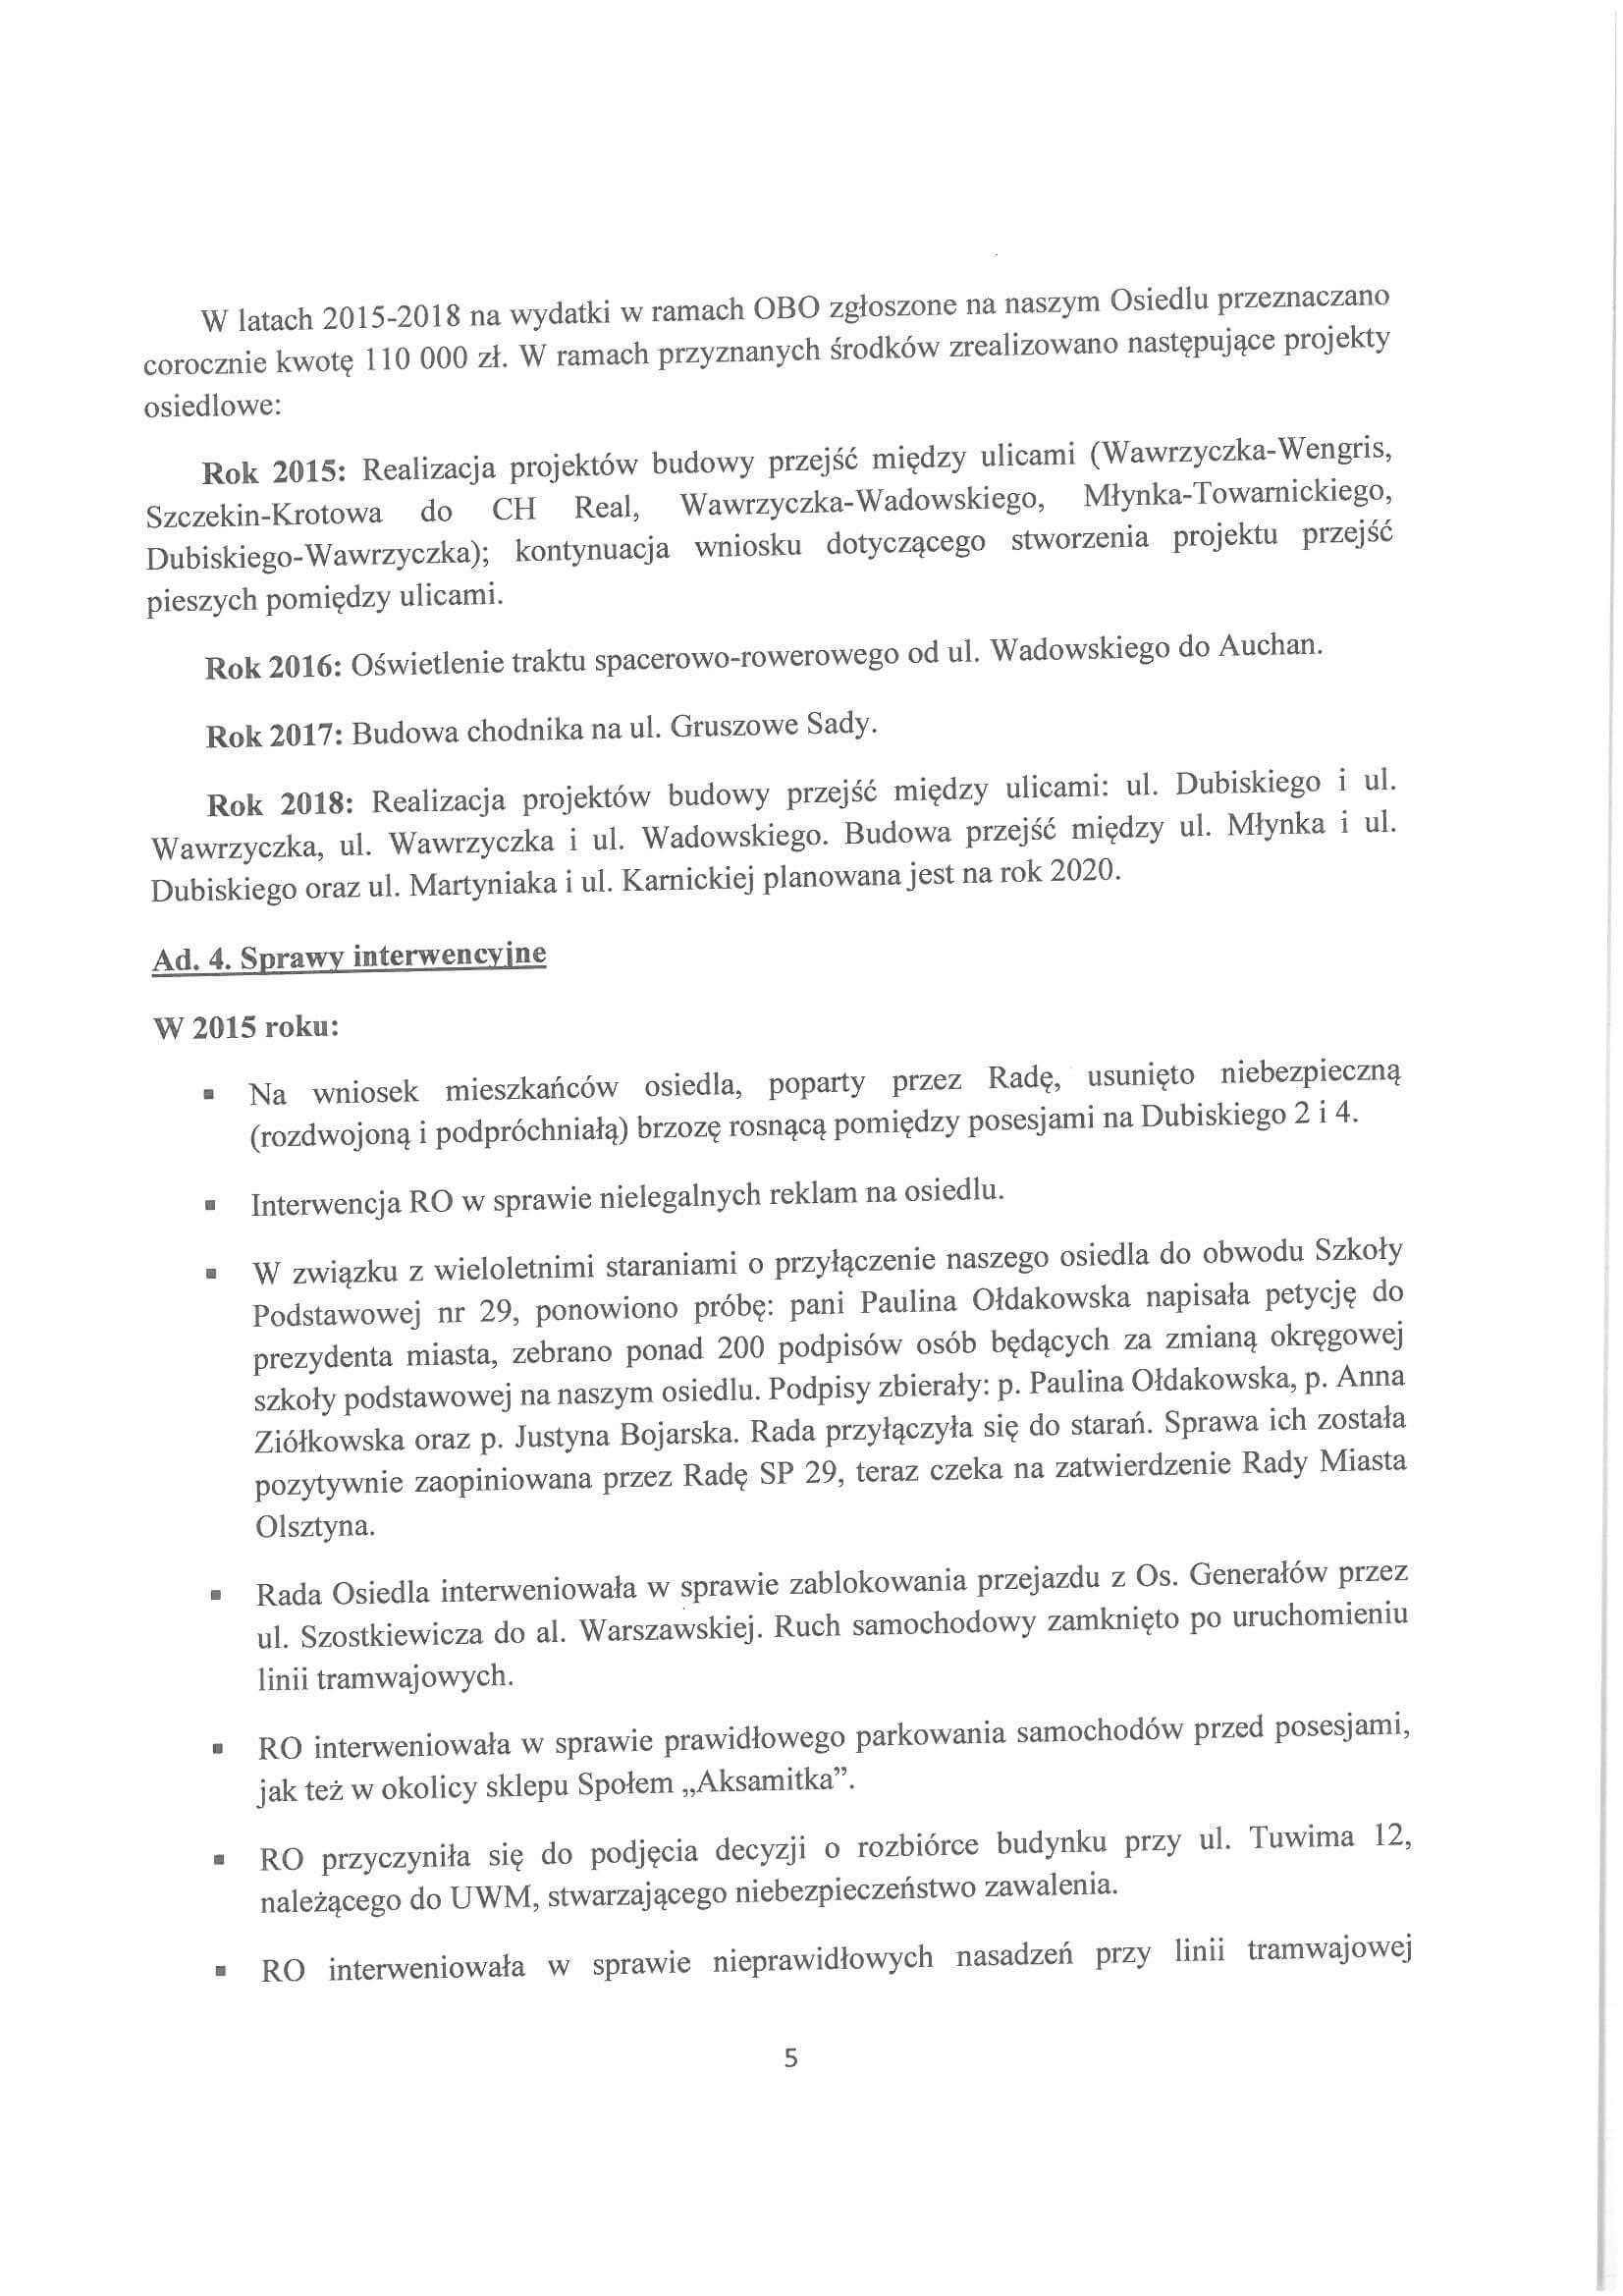 Sprawozdanie z działalności RO w latach 2015-2019-05